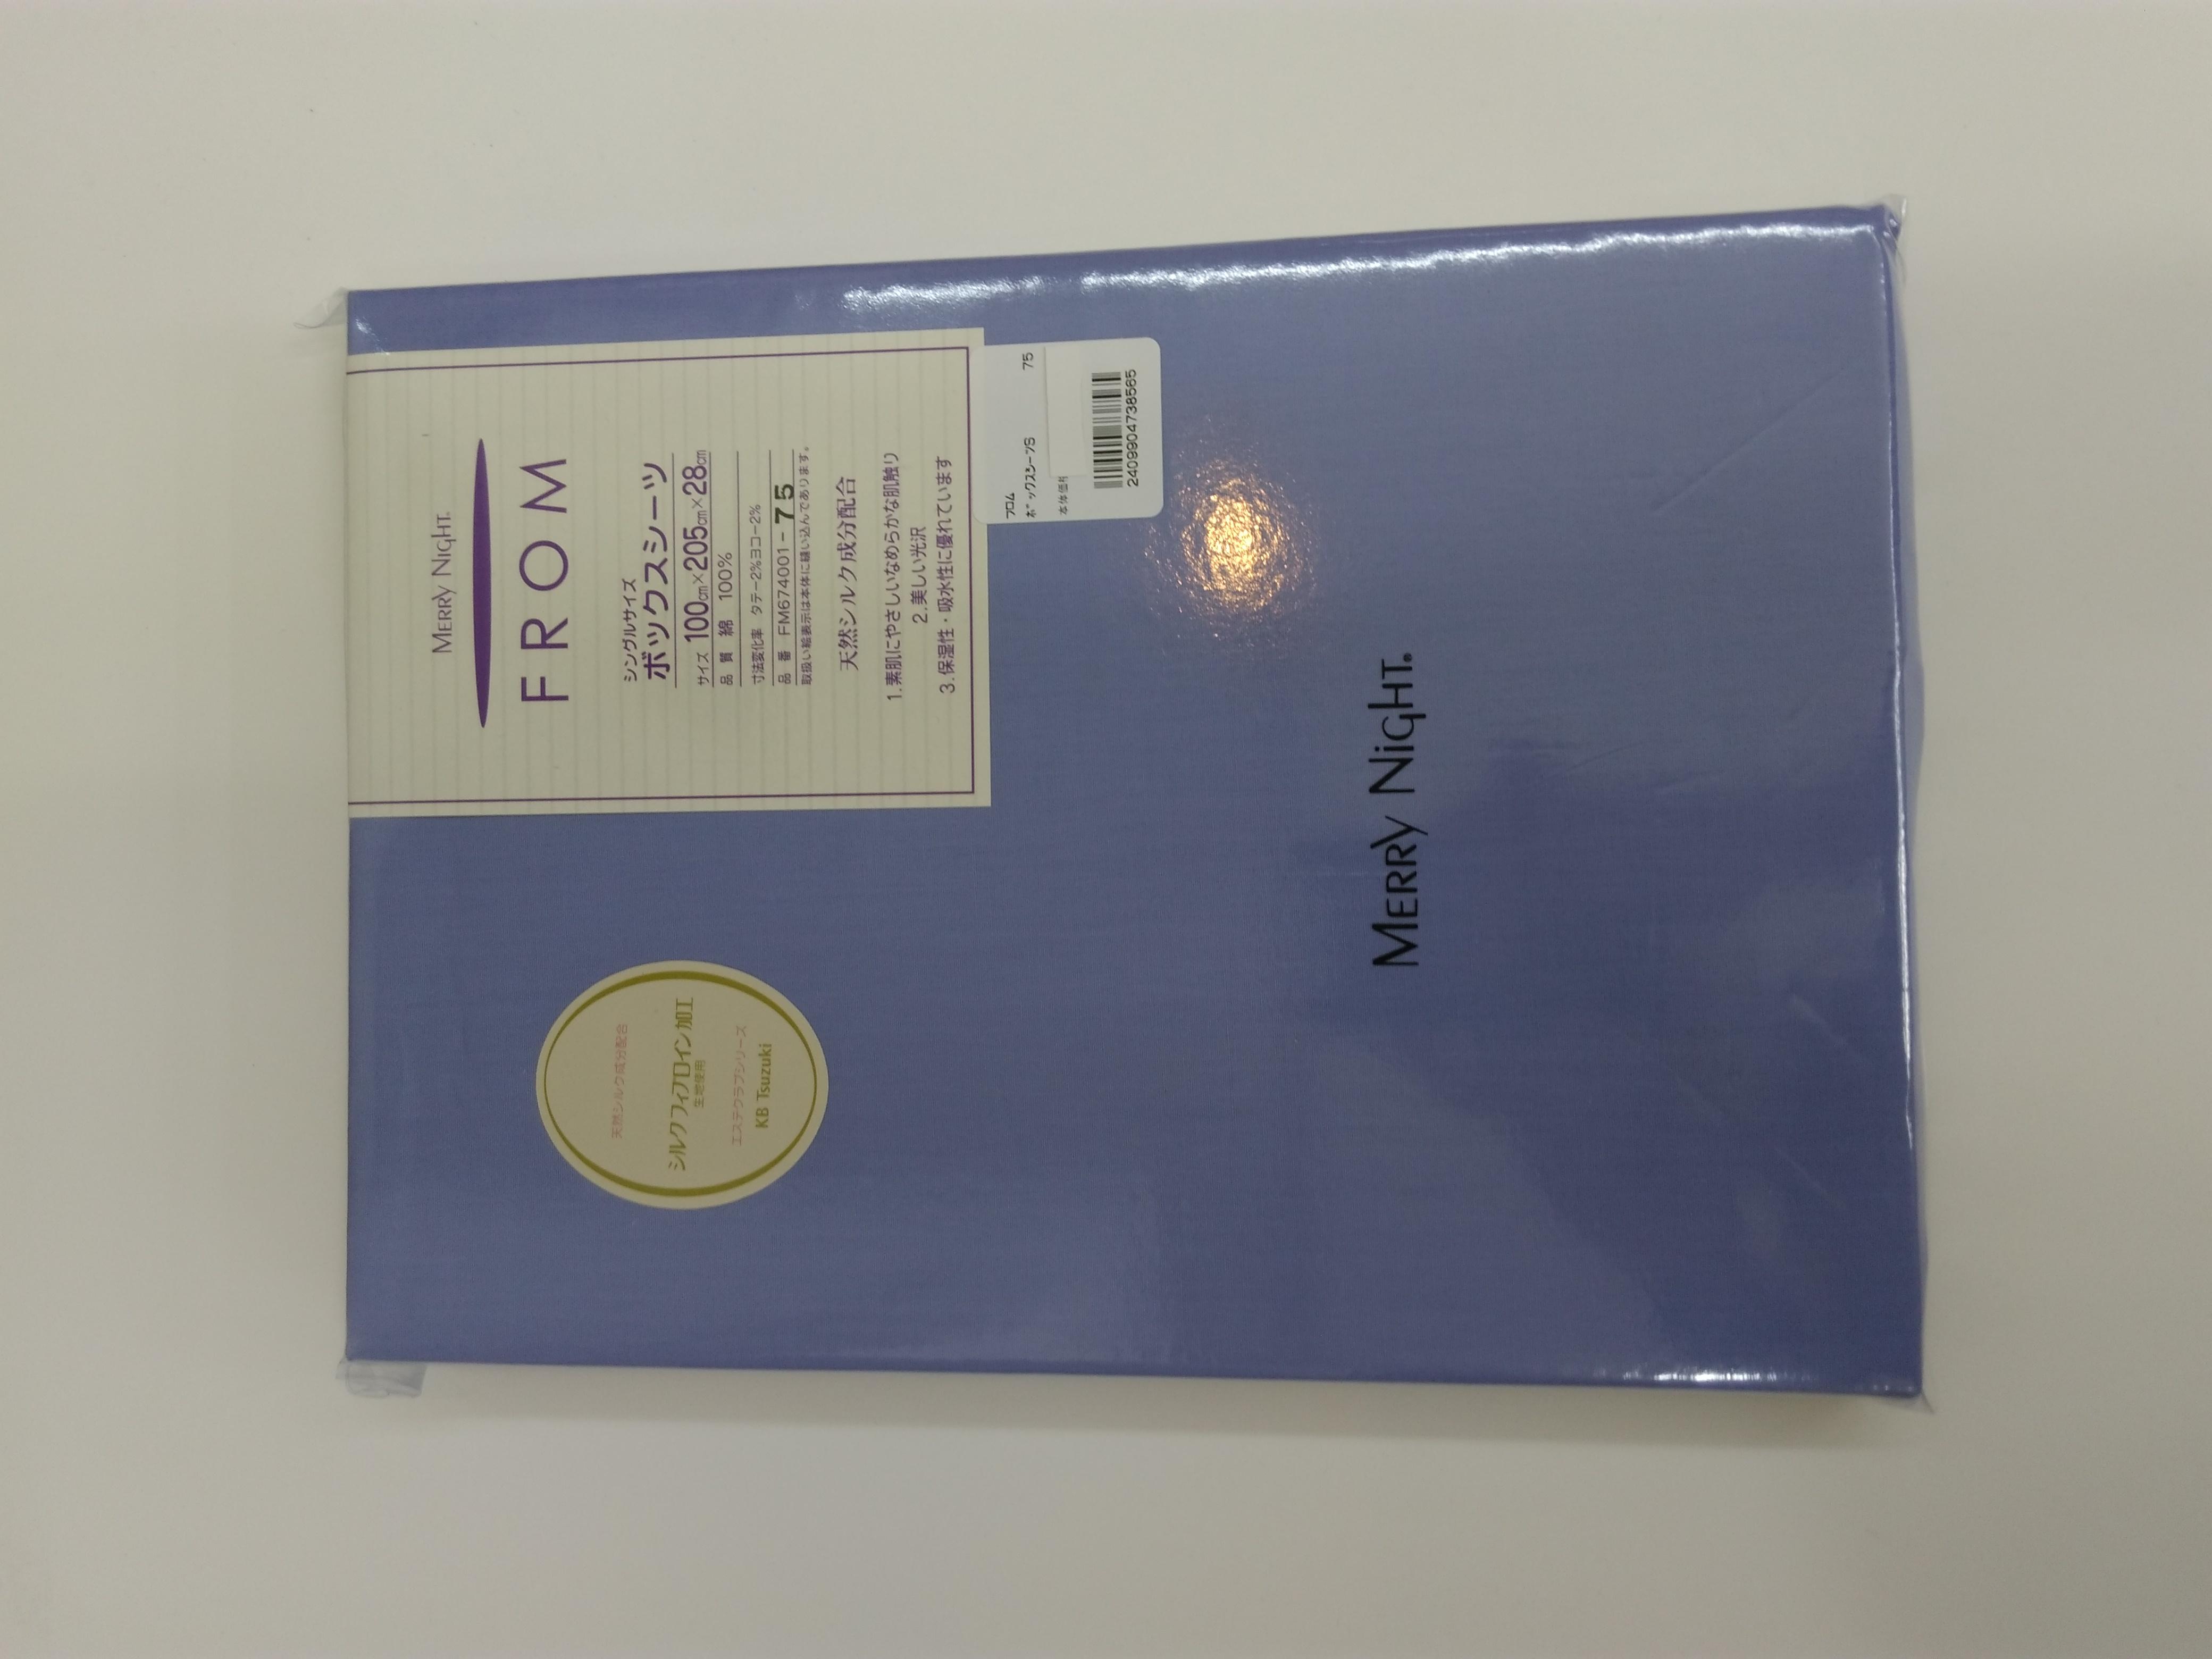 メリーナイト FROM フロムコレクション ボックスシーツ シングルサイズ 100X205X28cm ラベンダーサックス